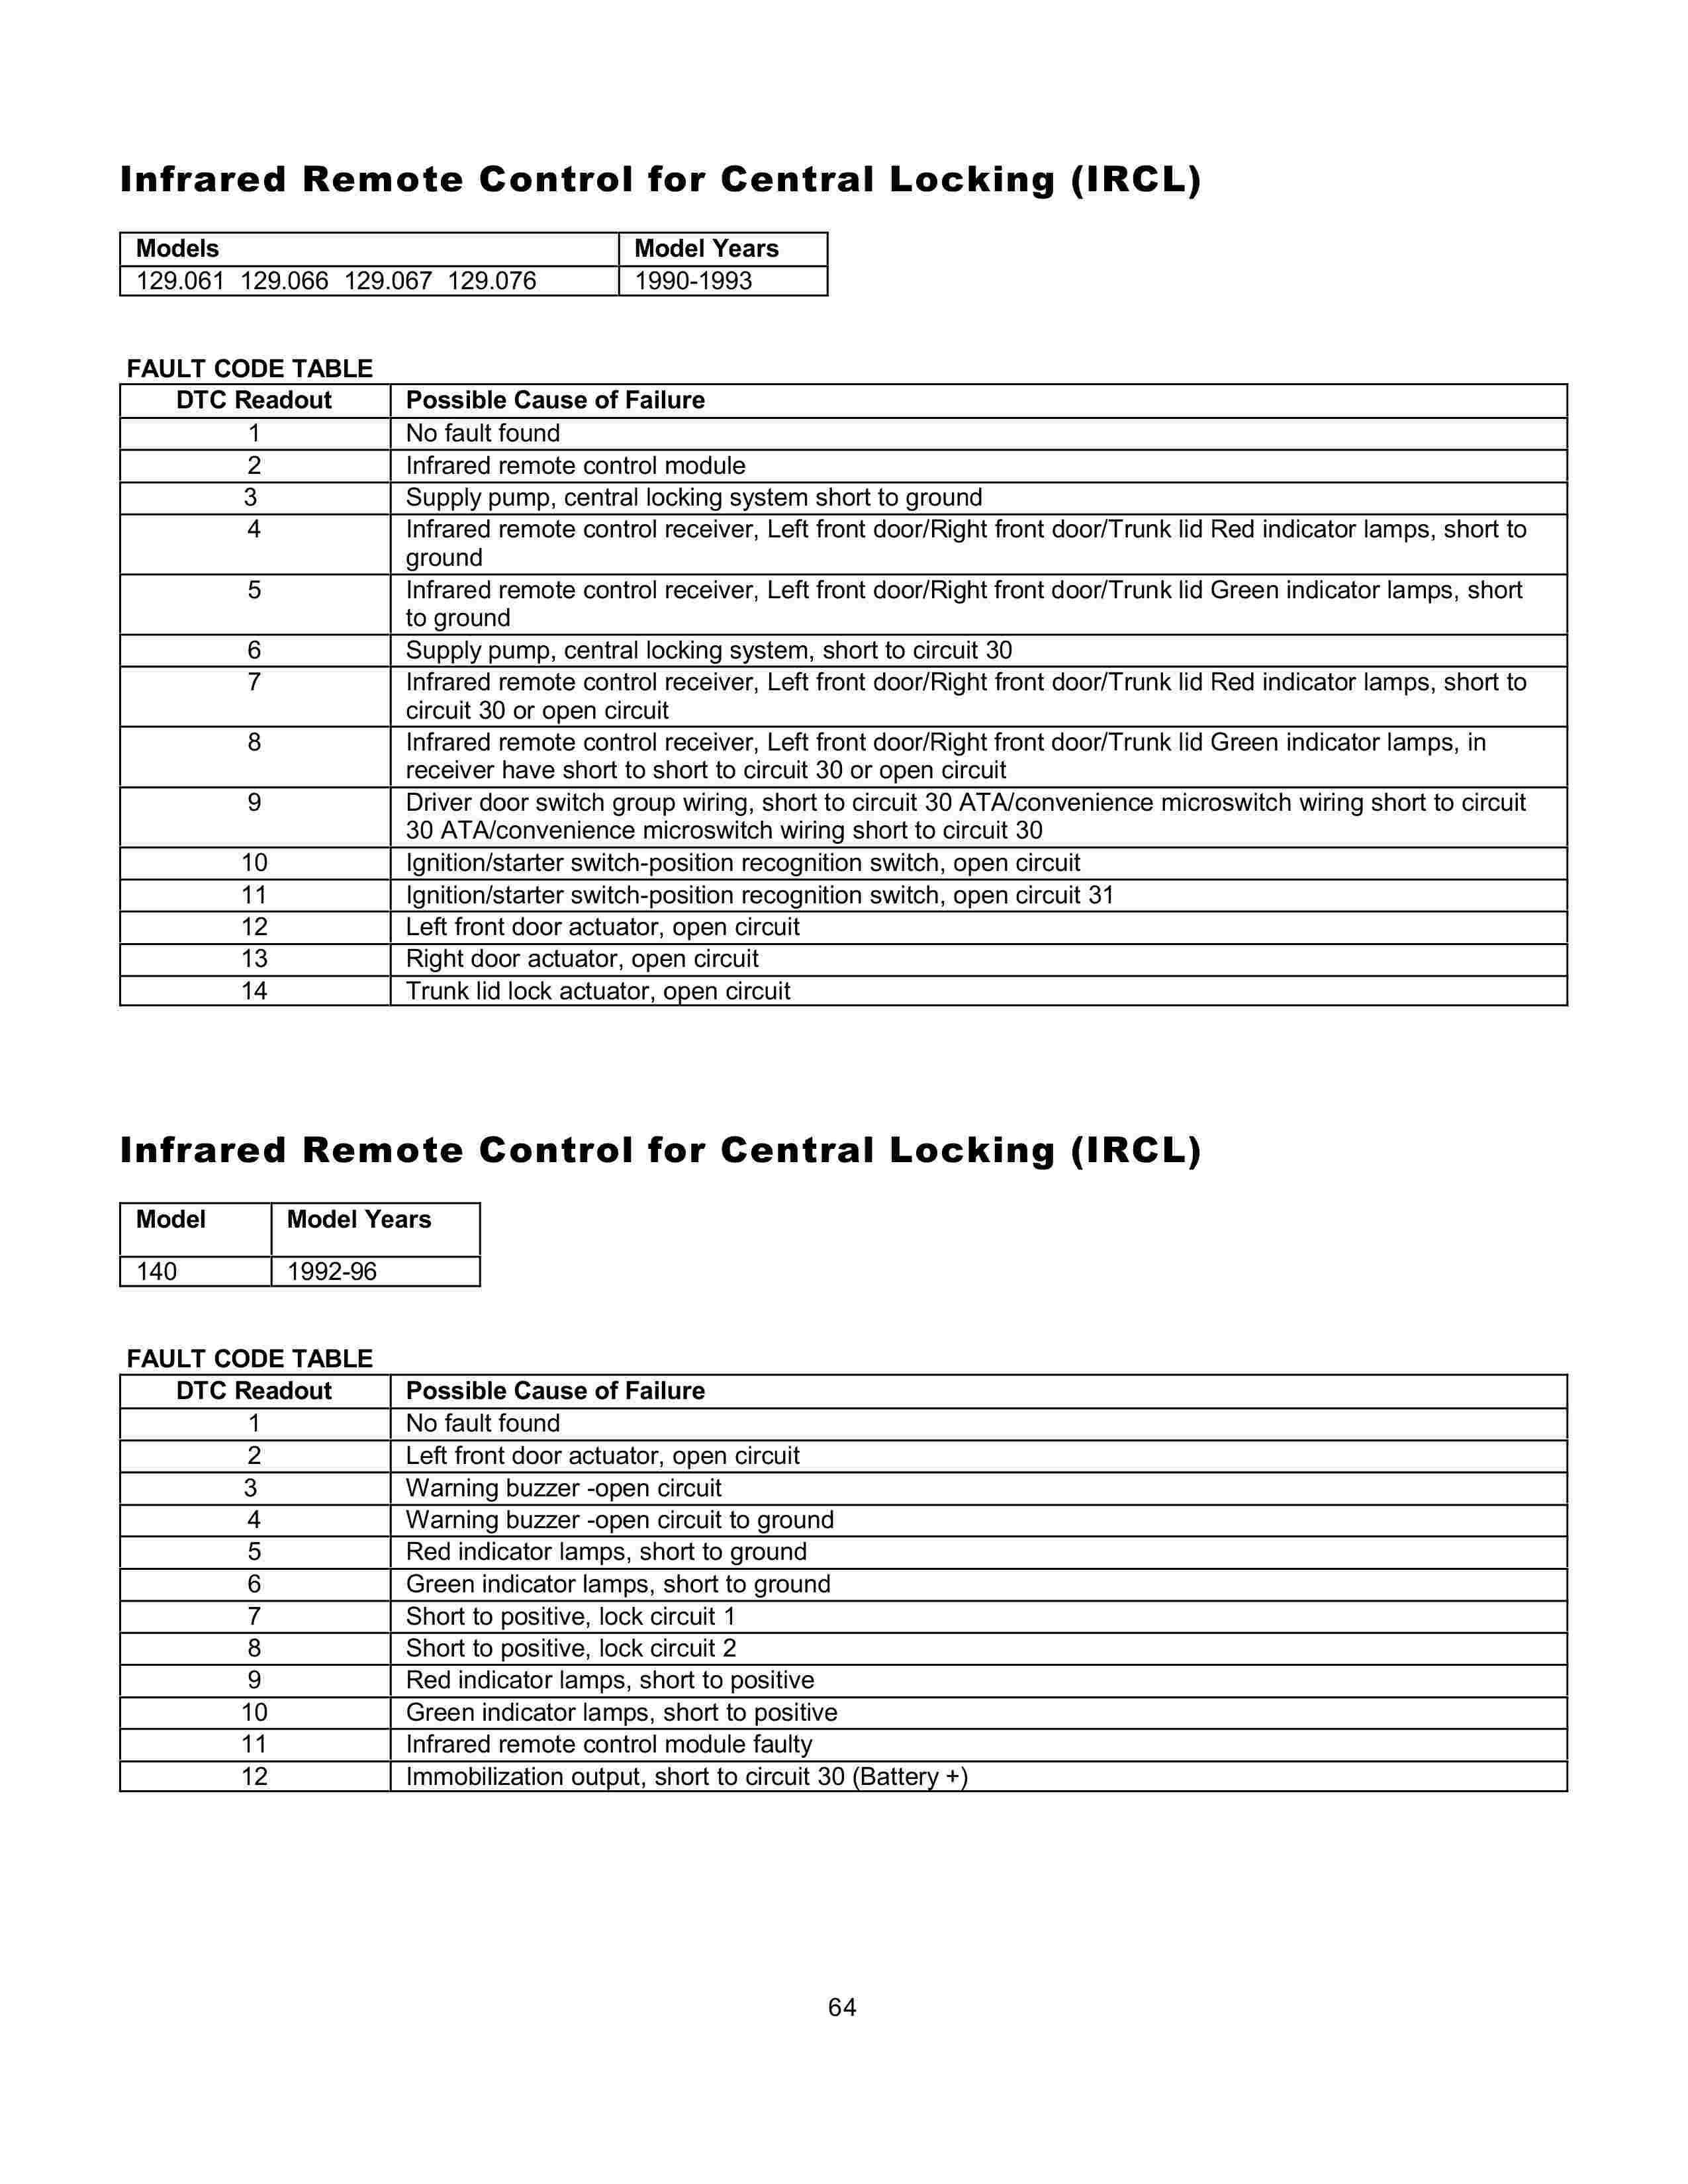 (AJUDA GERAL): Manual de códigos das falhas - analógico e digital - 1988 a 2000 006412